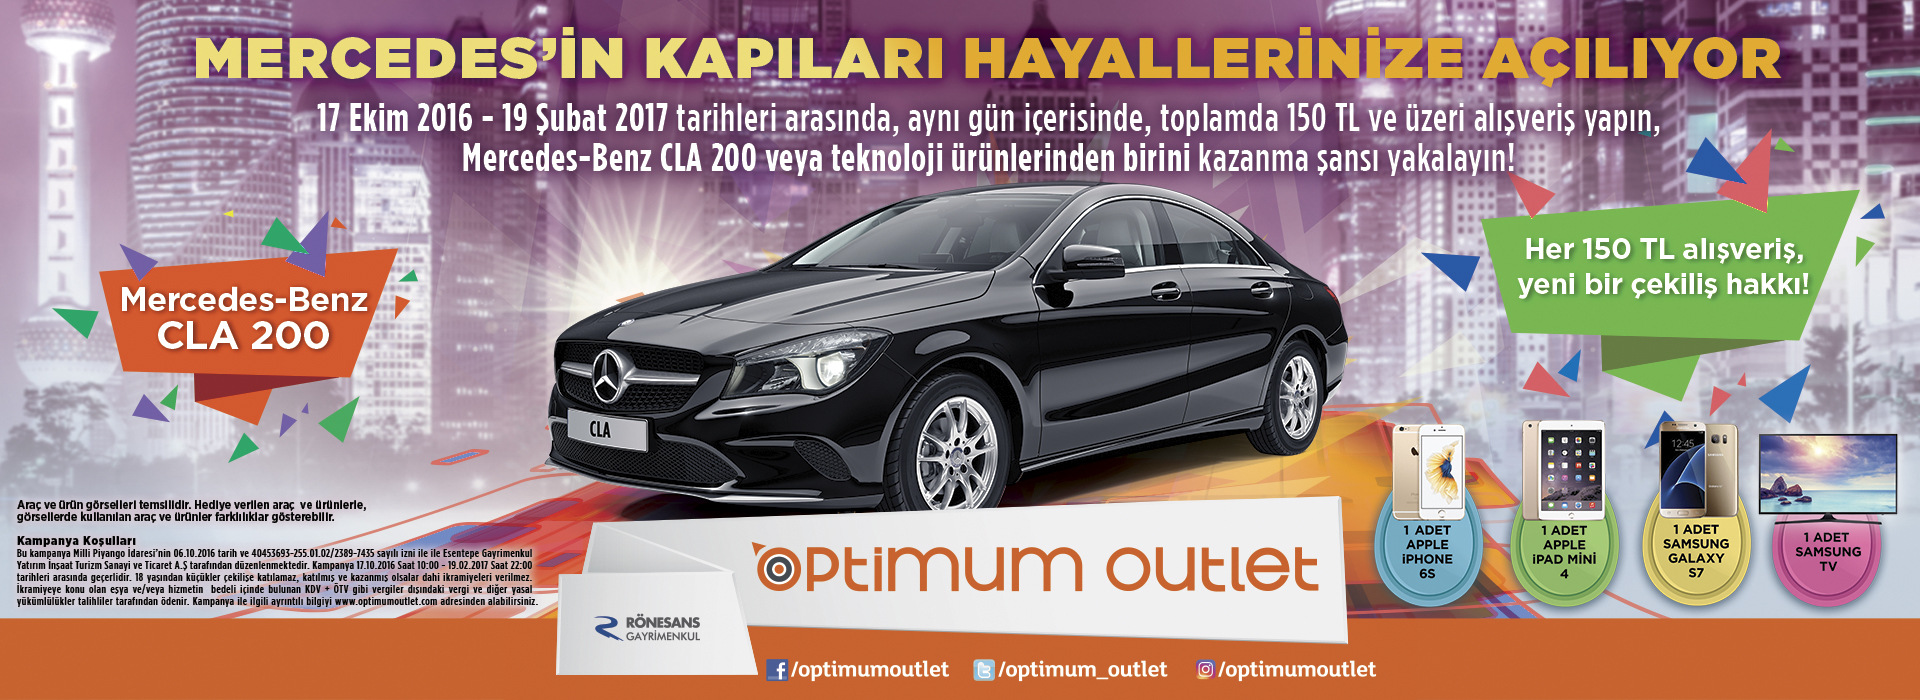 Mercedes'in Kapıları Hayallerinize Açılıyor